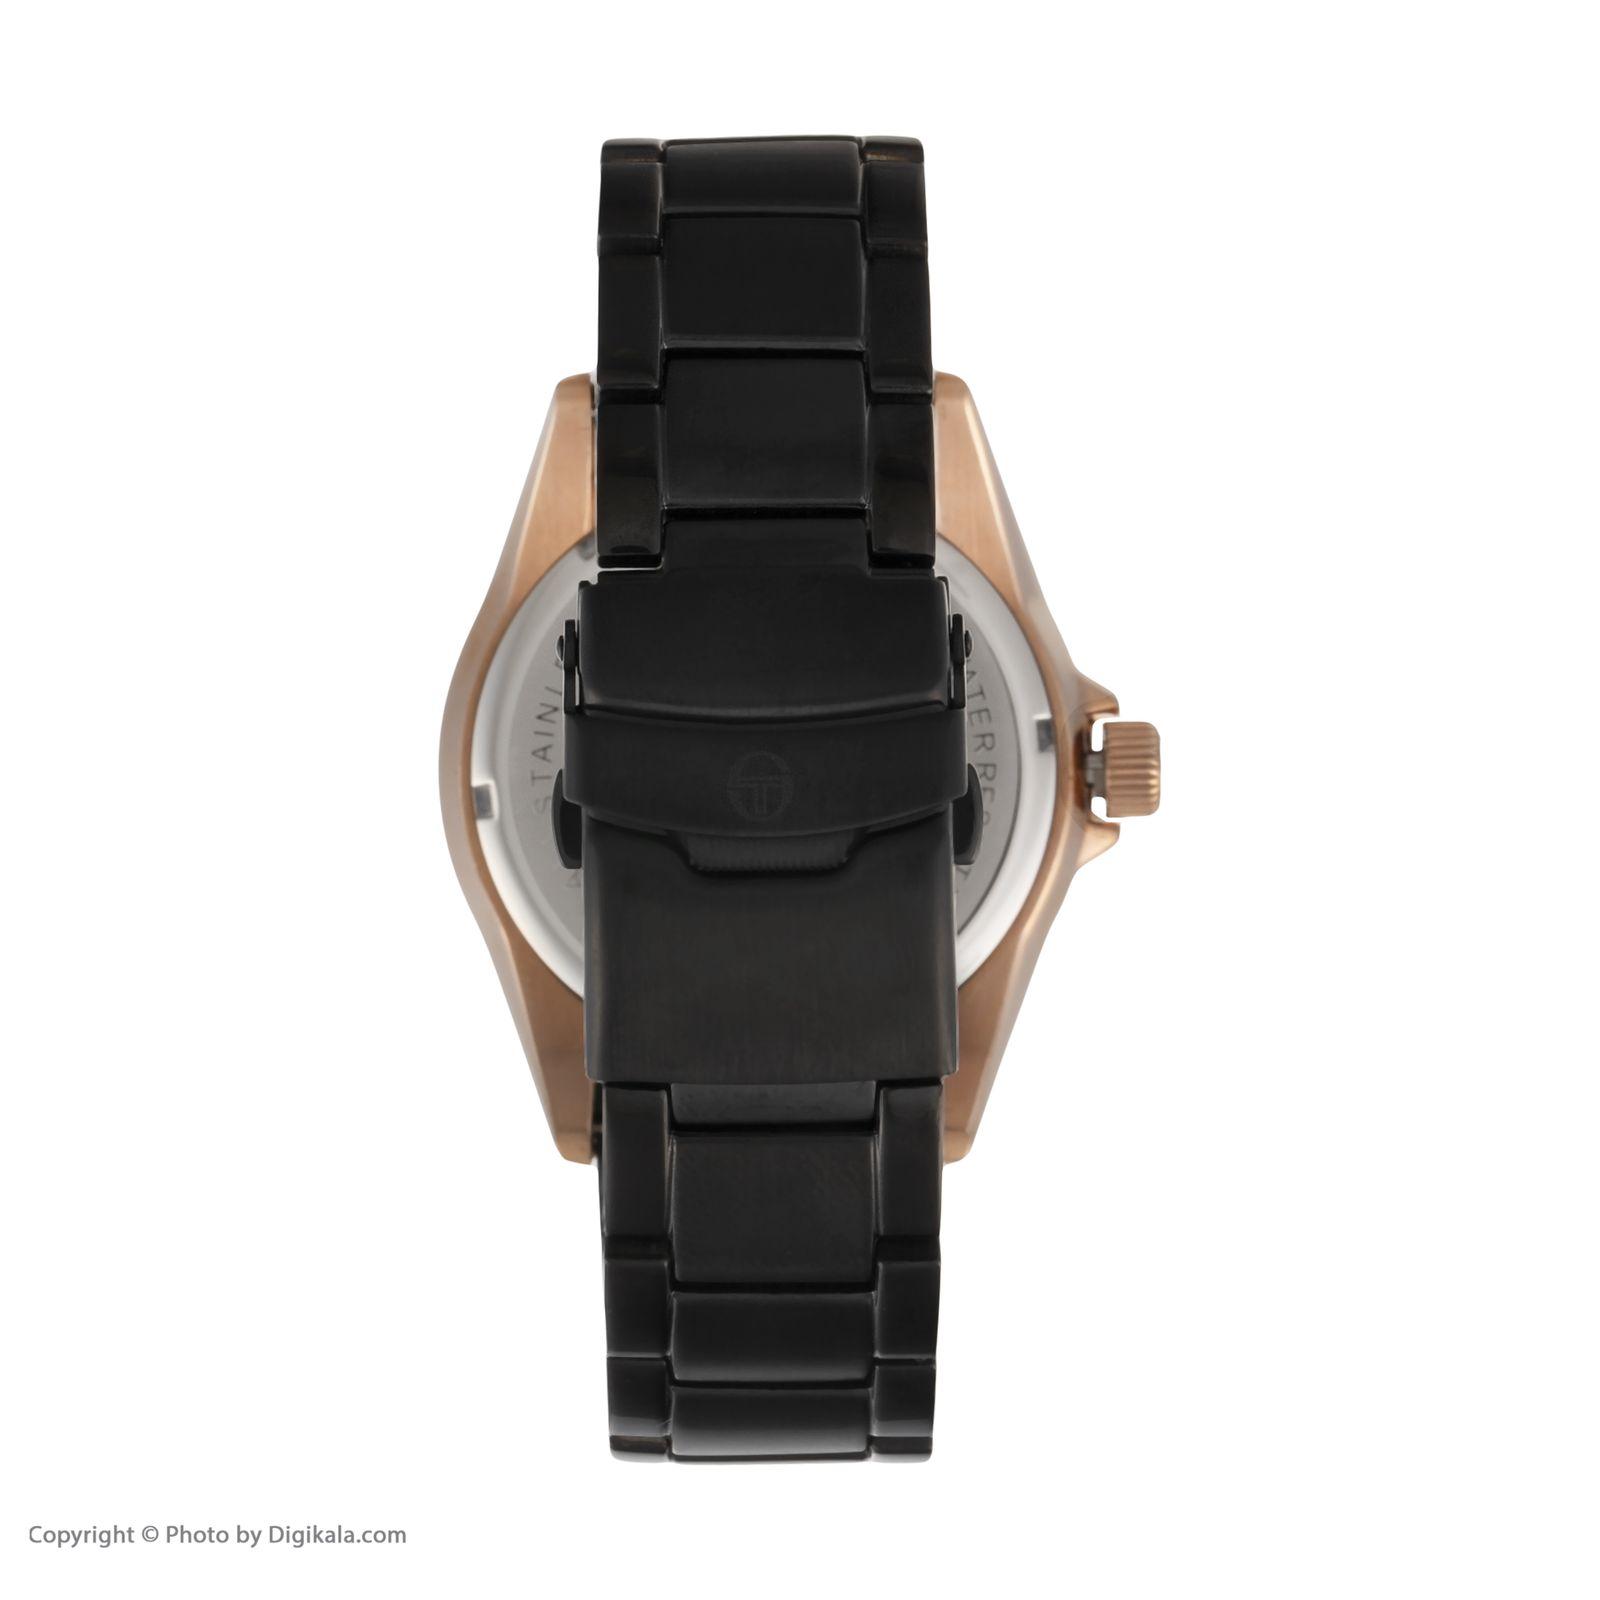 ساعت مچی عقربه ای مردانه سرجیو تاچینی مدل ST.8.132.05 -  - 3